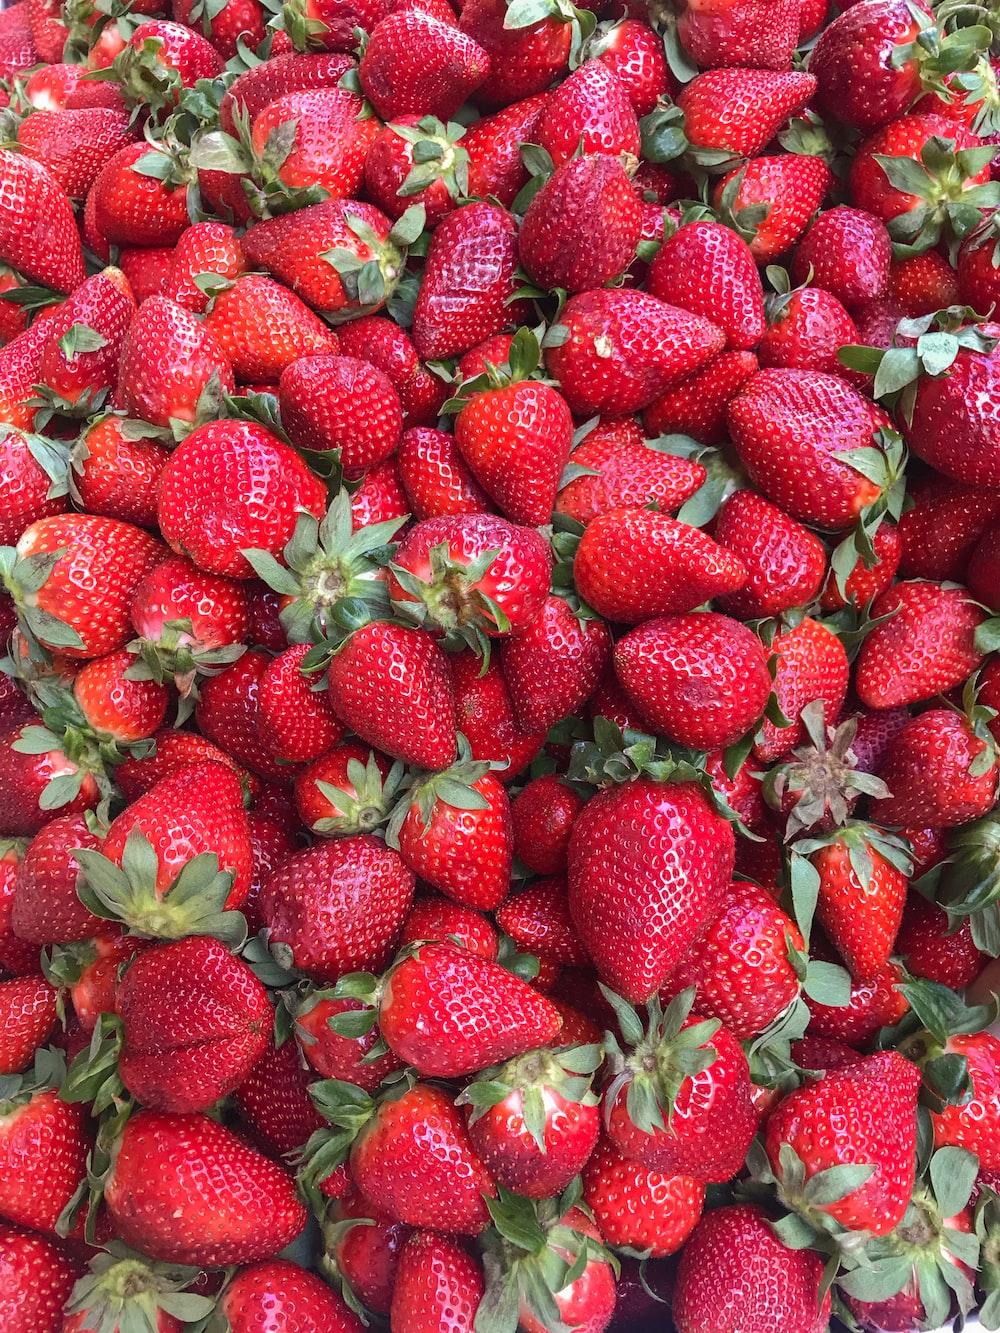 bundle of strawberries